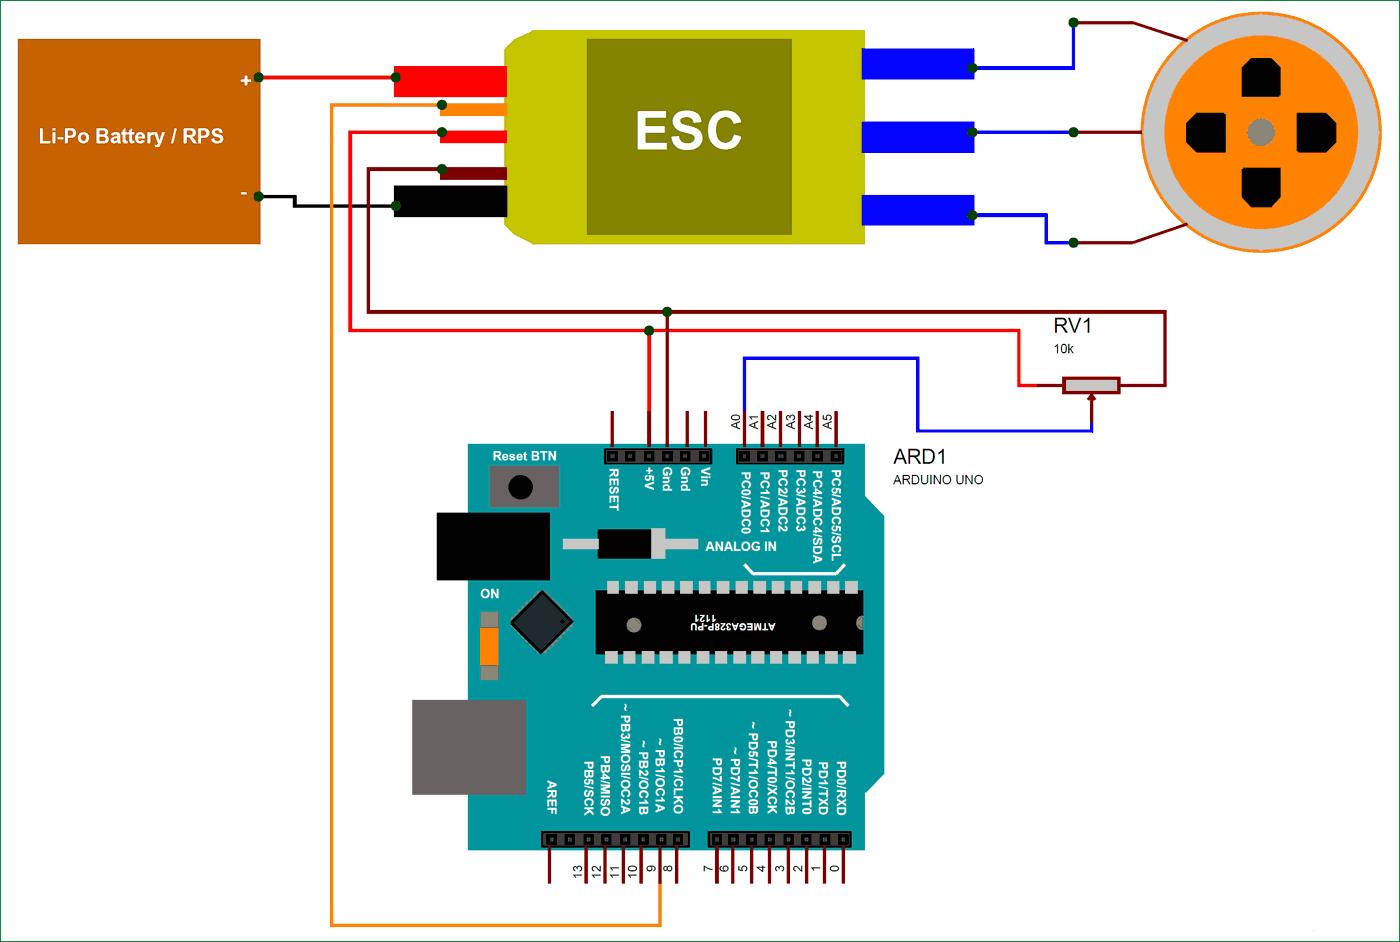 Схема подключения BLDC двигателя и контроллера ESC к плате Arduino